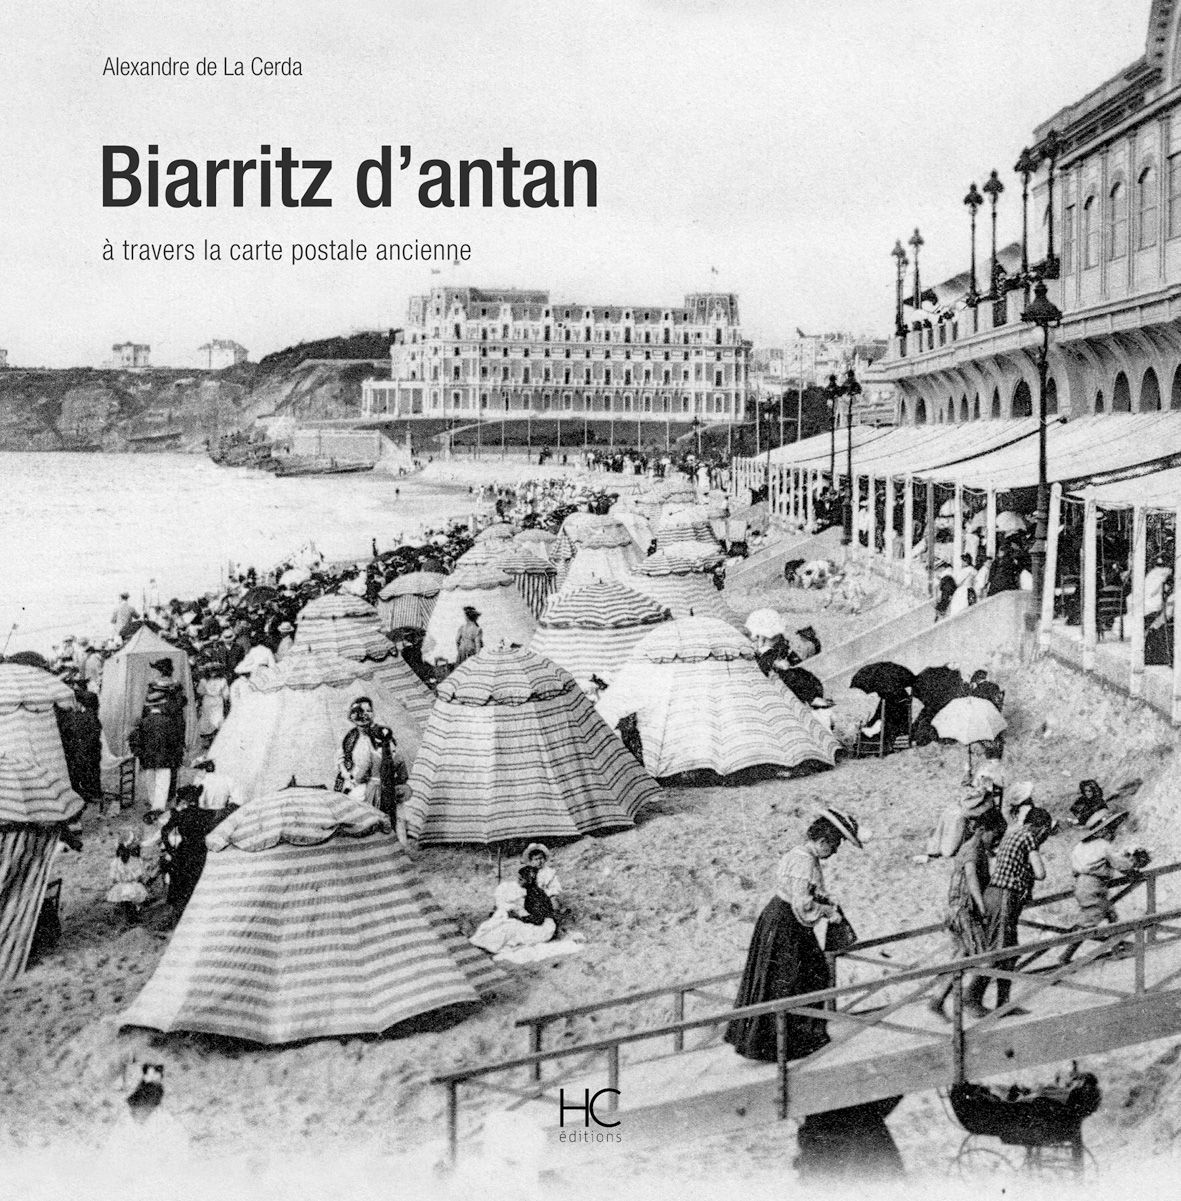 Carte Postale Biarritz D Antan Biarritz Tourisme En France Image De Ville